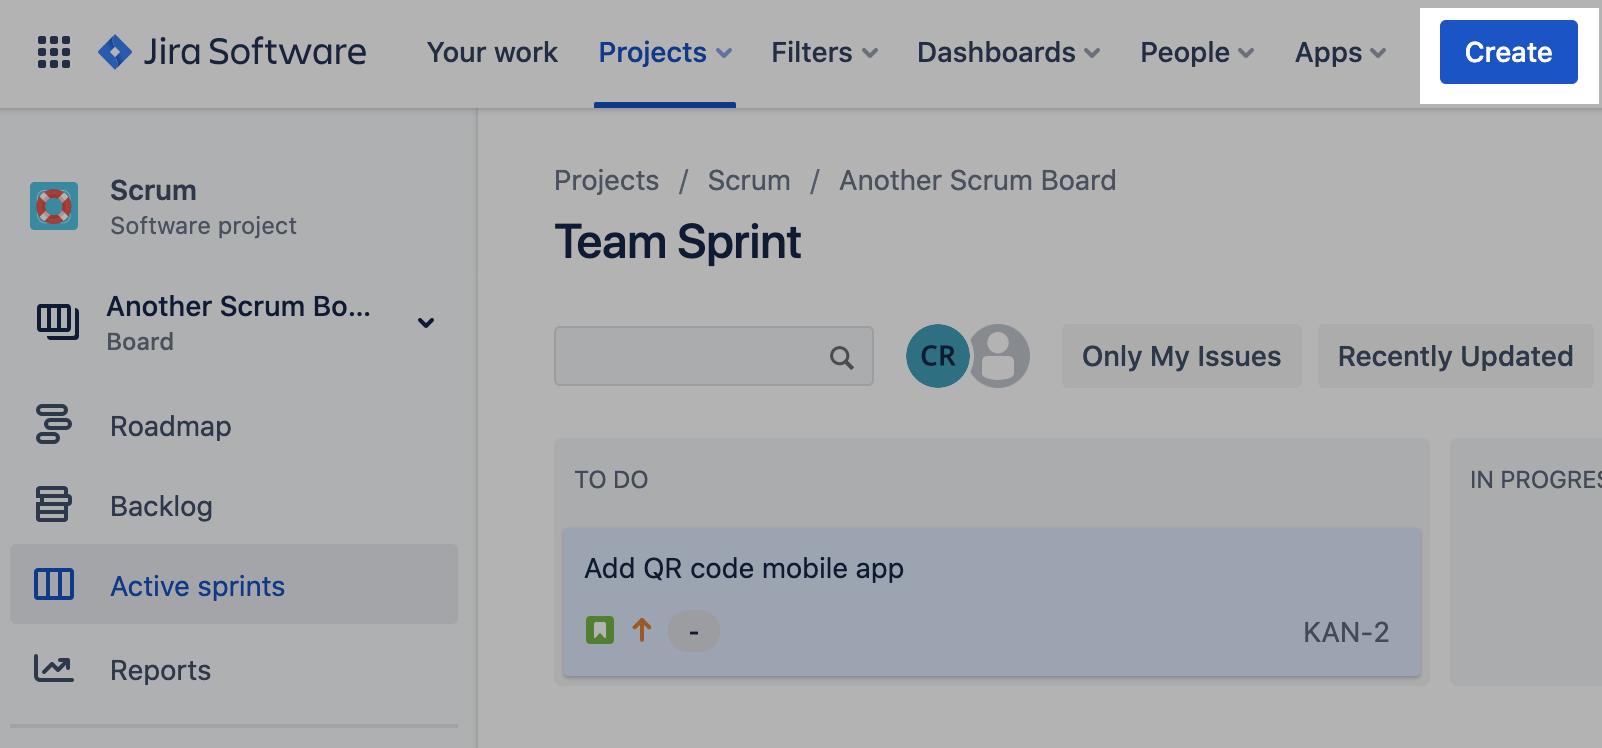 Criar um item no Jira Software